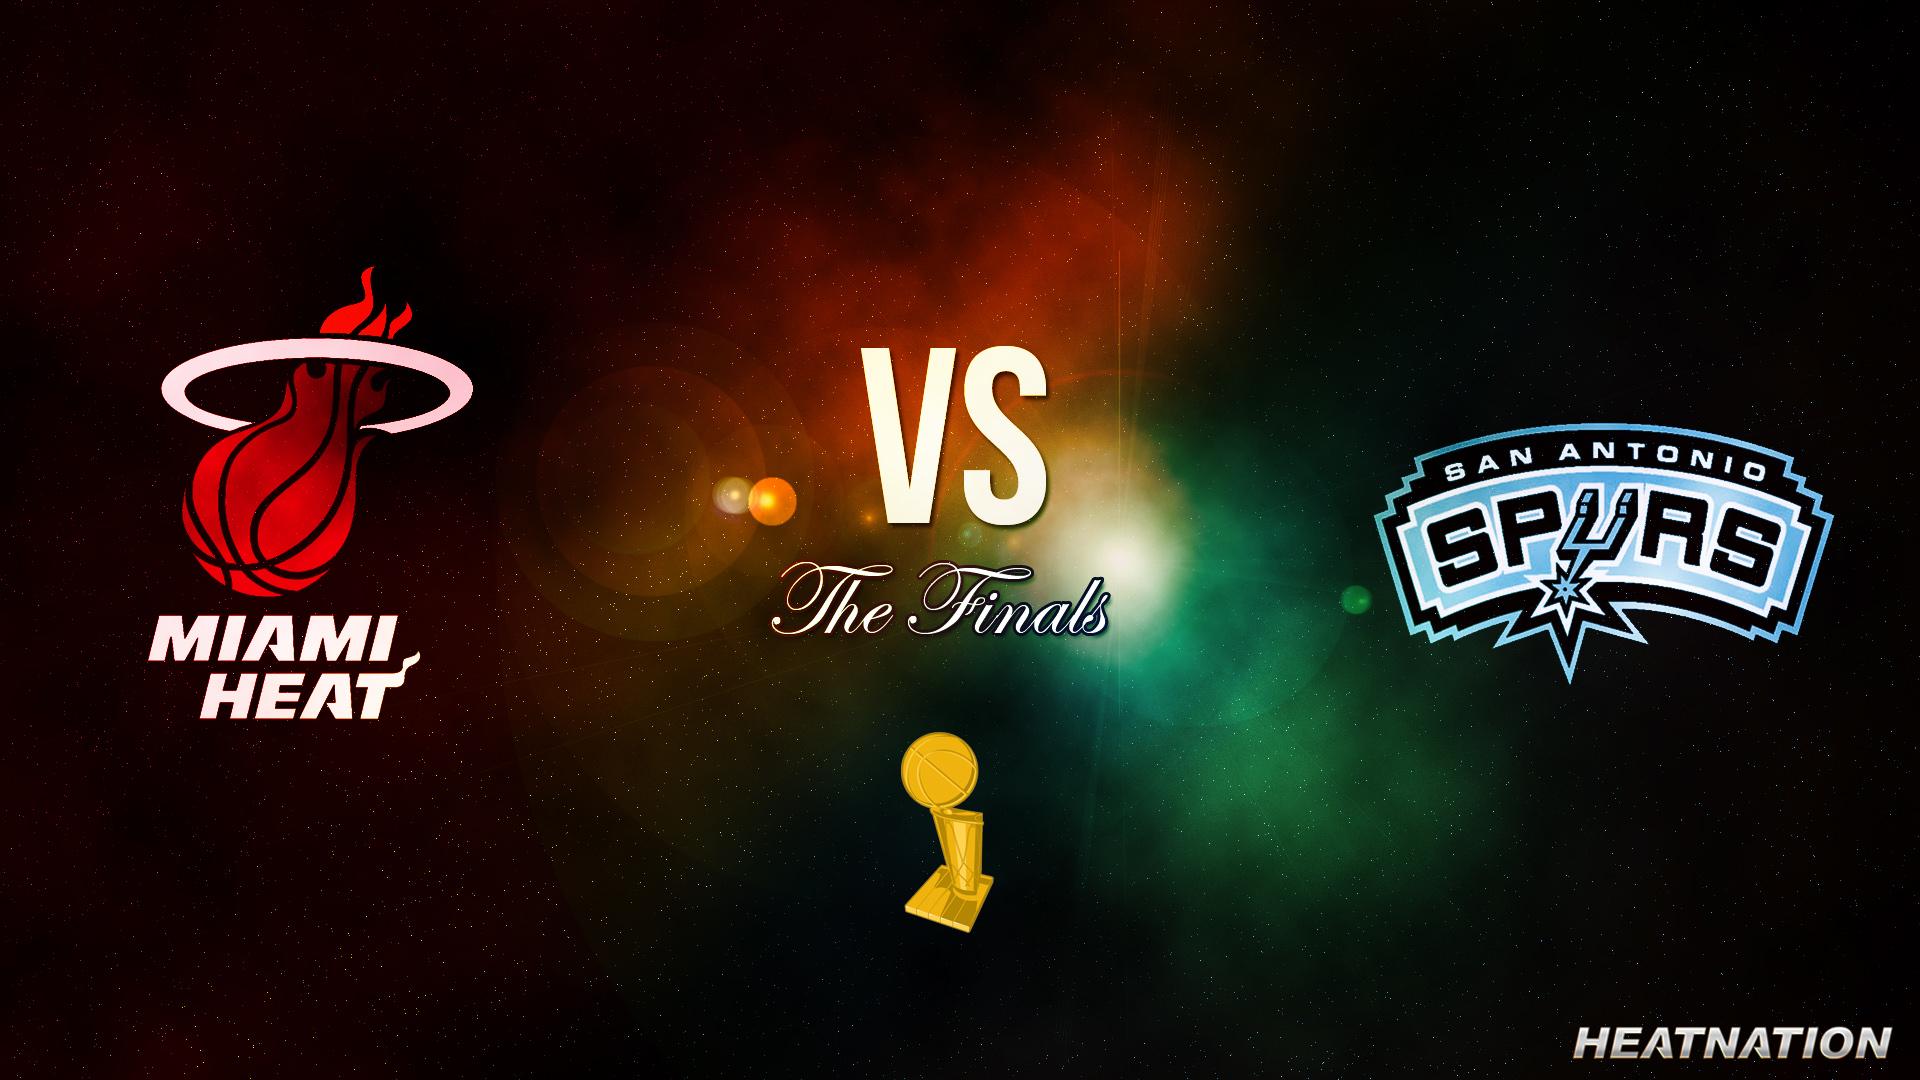 Miami-Heat-VS-San-Antonio-Spurs-Final-NBA